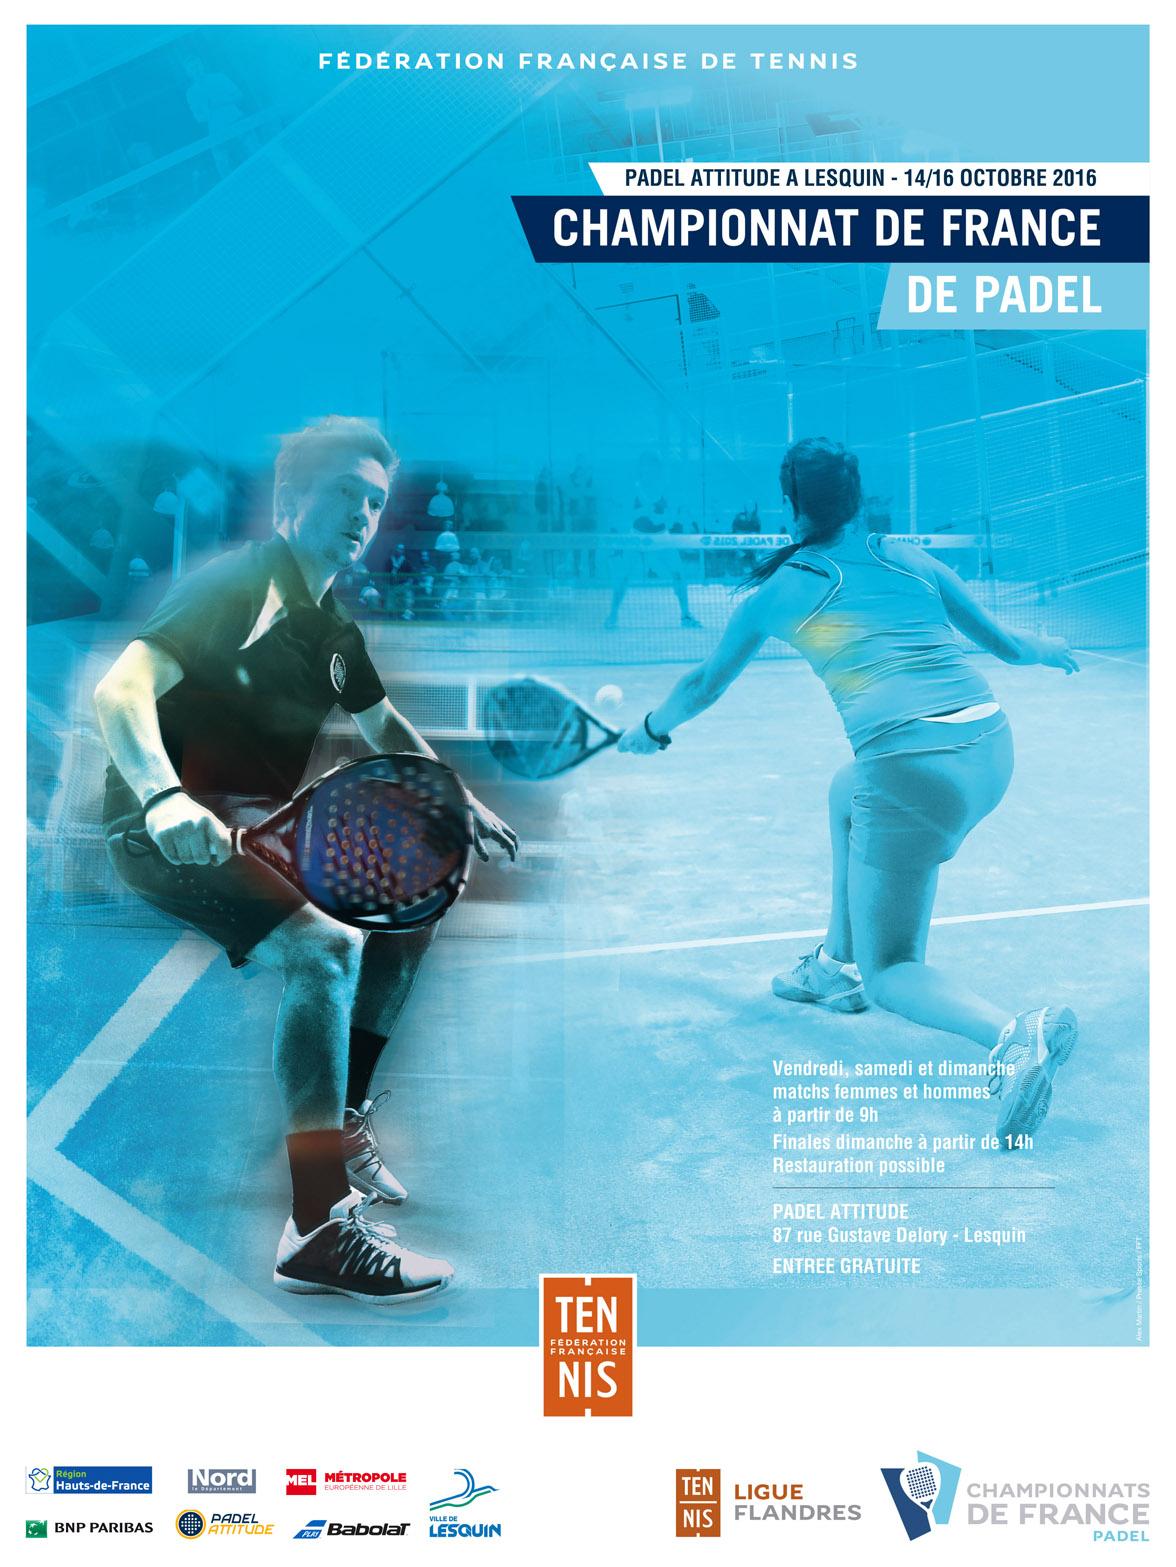 affiche-championnats-de-france-de-padel-2016